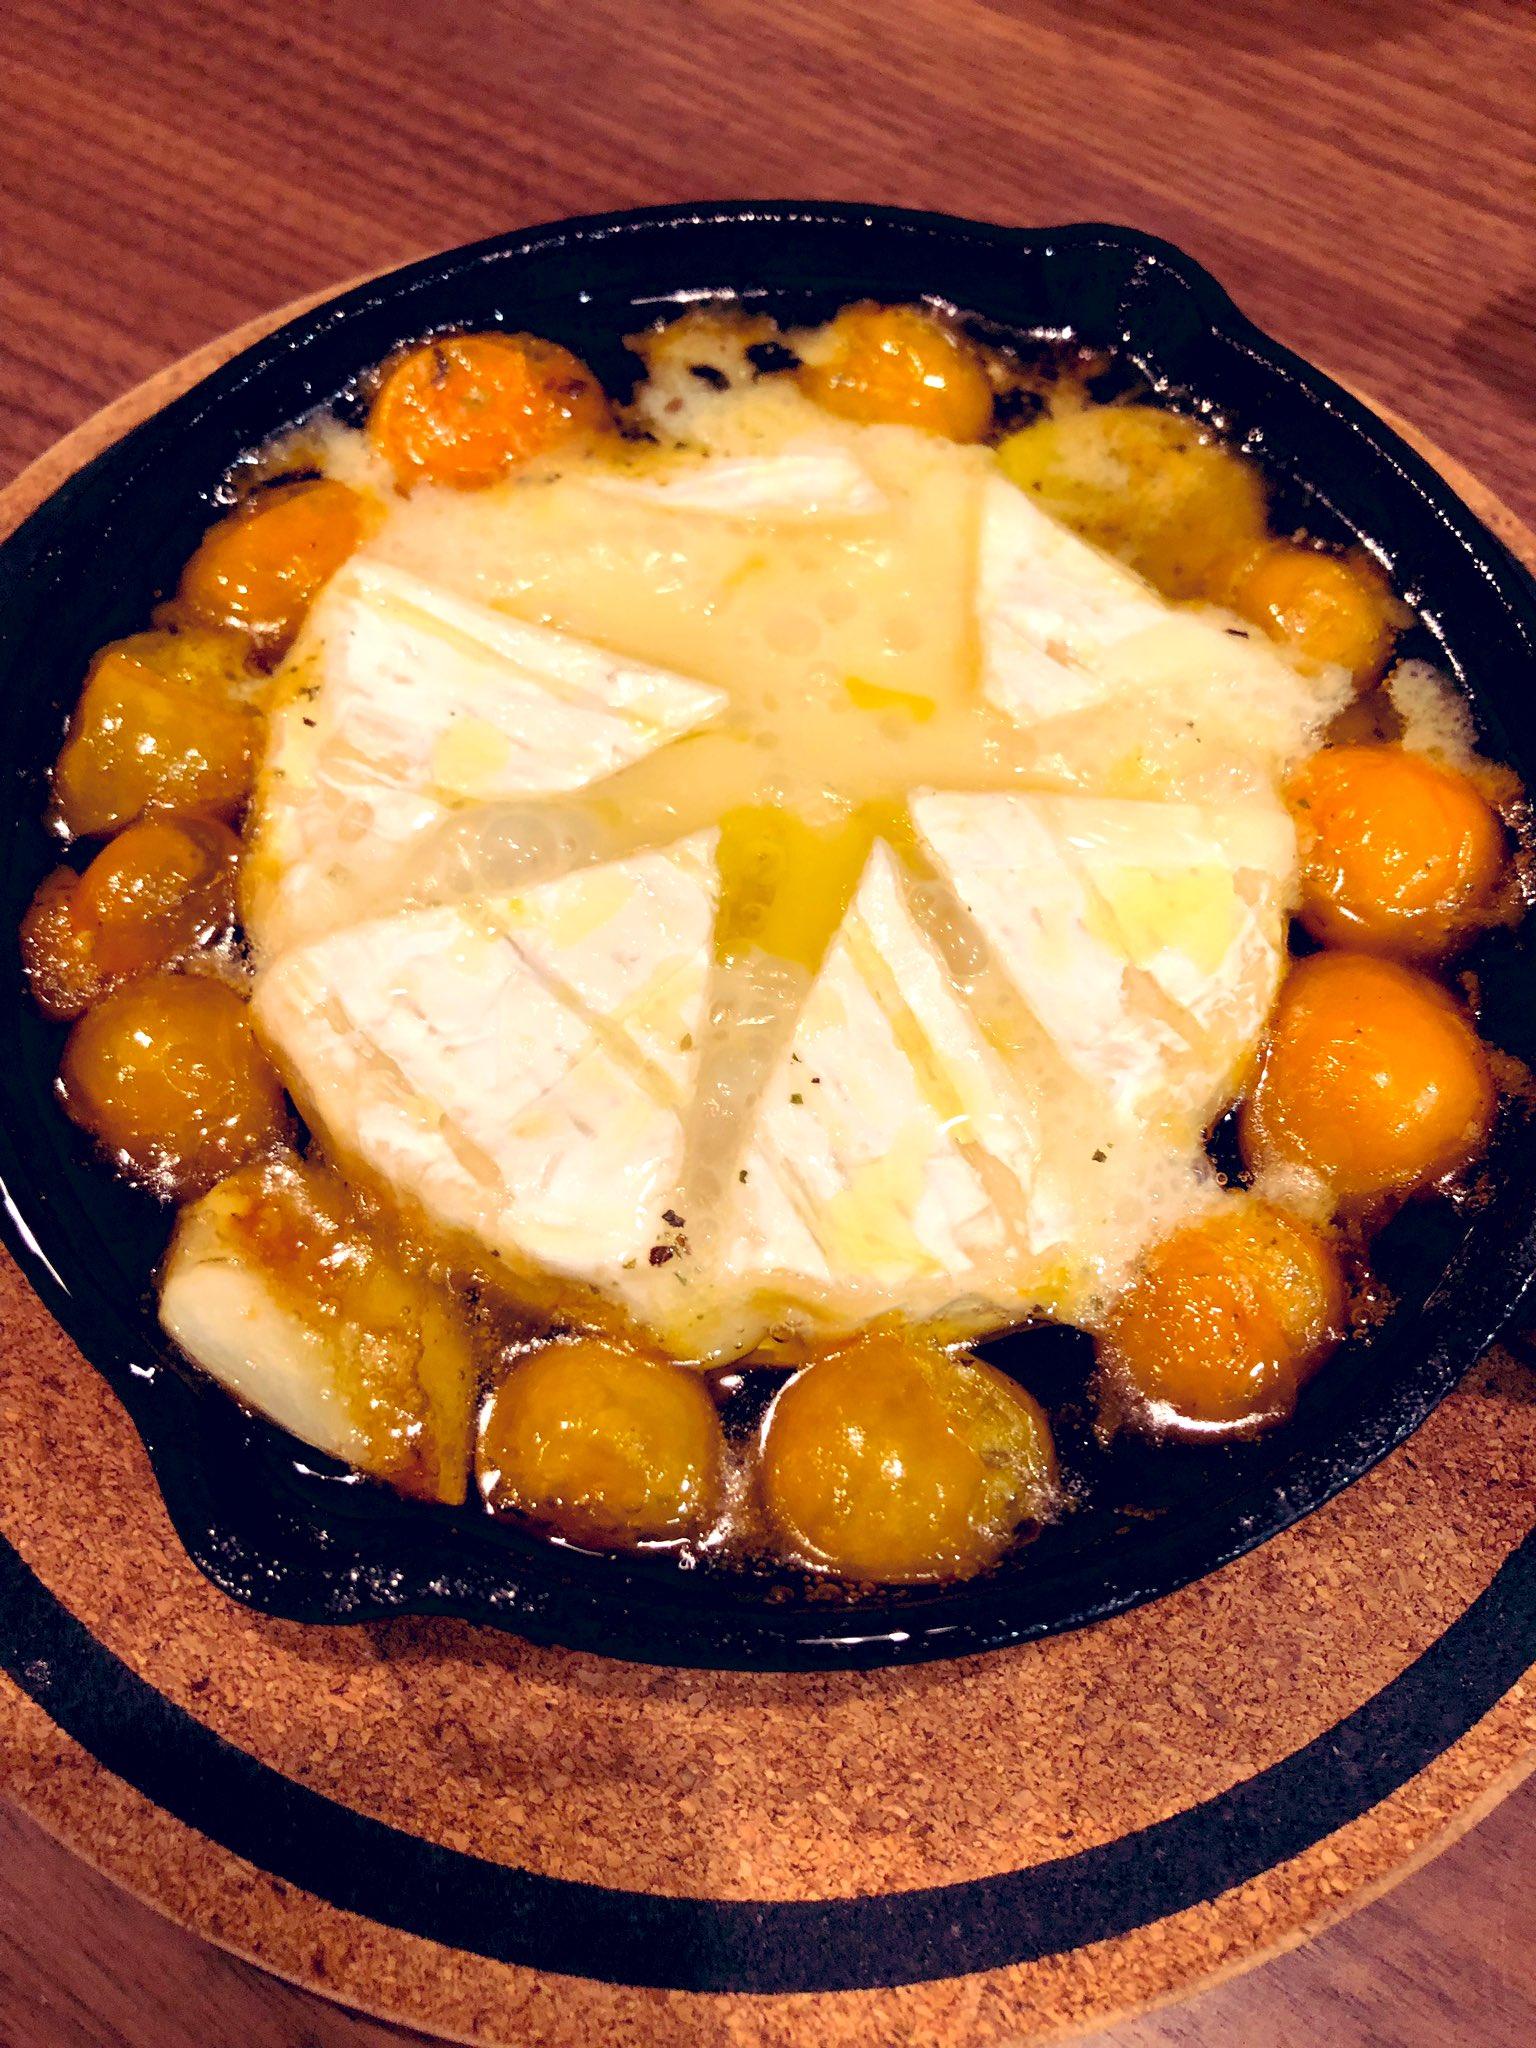 こないだ飲み屋で食べたカマンベールアヒージョが最高だったので作った。六つ切りにしたカマンベールとミニトマトとニンニクひとかけを塩を振ったオリーブオイルに浸してごく弱火で煮る。とろけたチーズをバケットですくって食べれば悪魔的なうまさですよ…